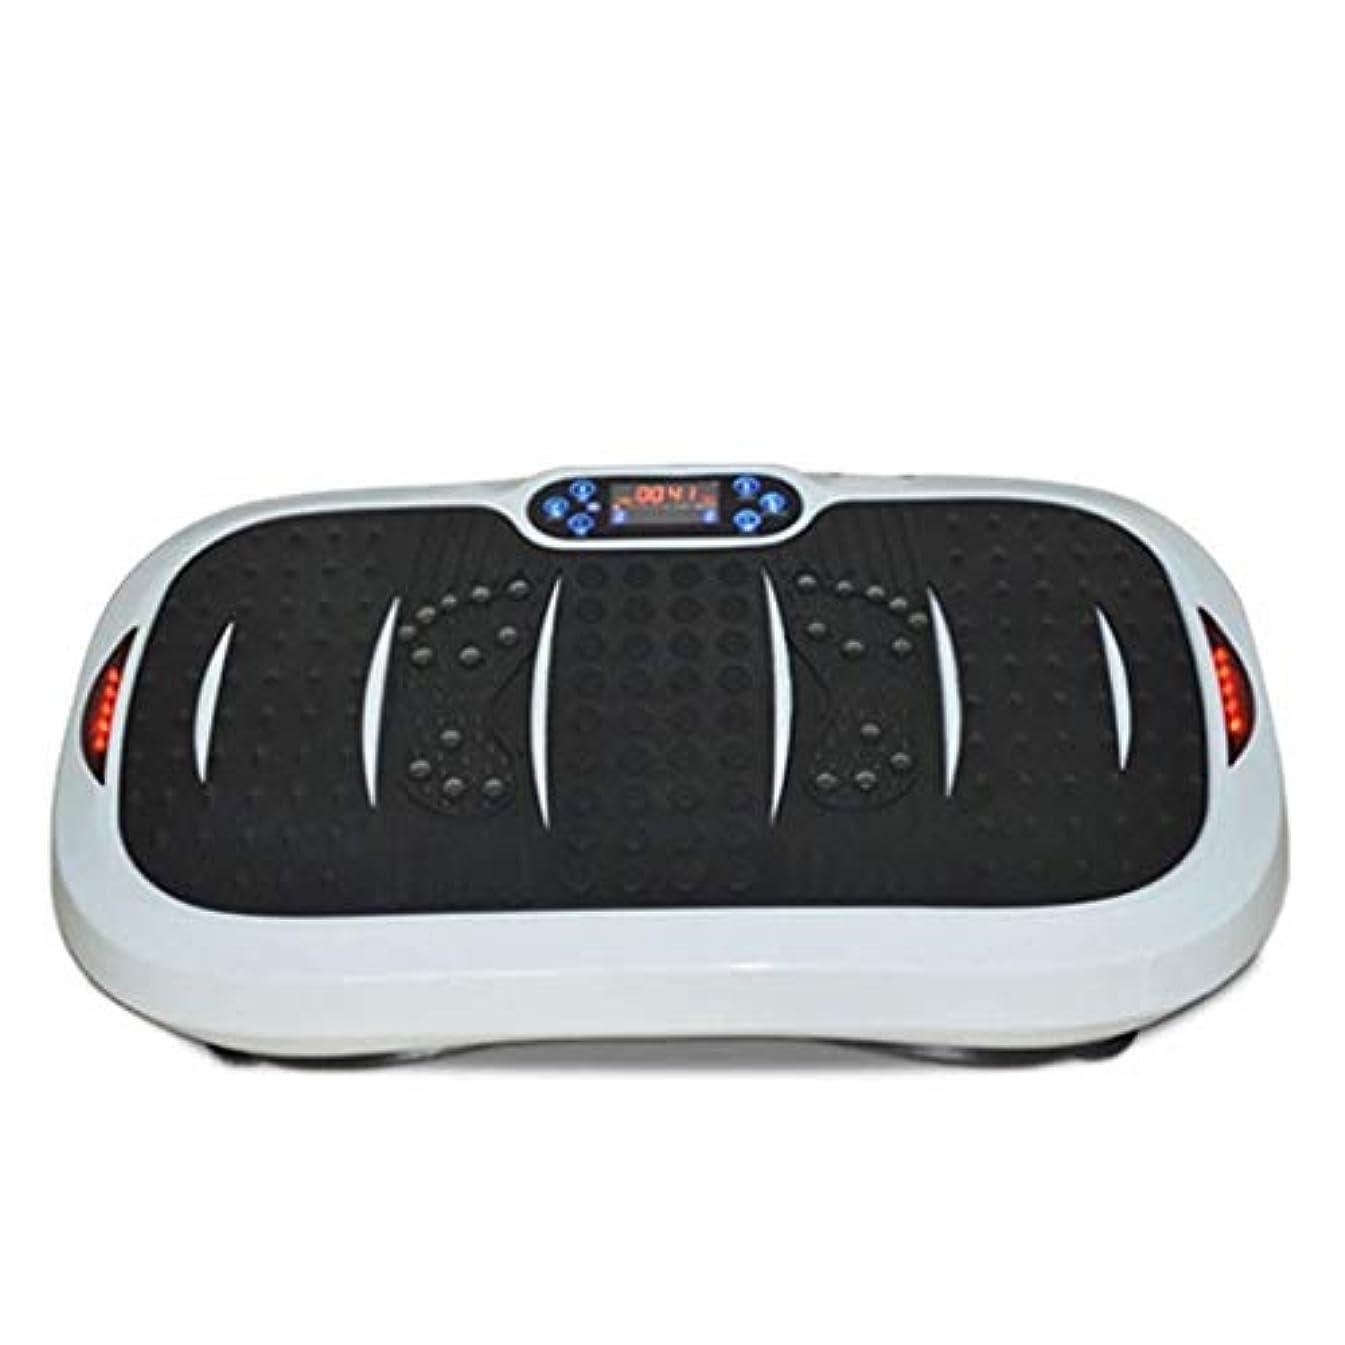 ドール反対野な家庭用減量装置、超薄型振動フィットネストレーナー、スポーツおよび3Dフィットネス振動プレート、USB音楽/スピーカー付き/ 99レベル減速ボディおよびタッチディスプレイ滑り止め表面